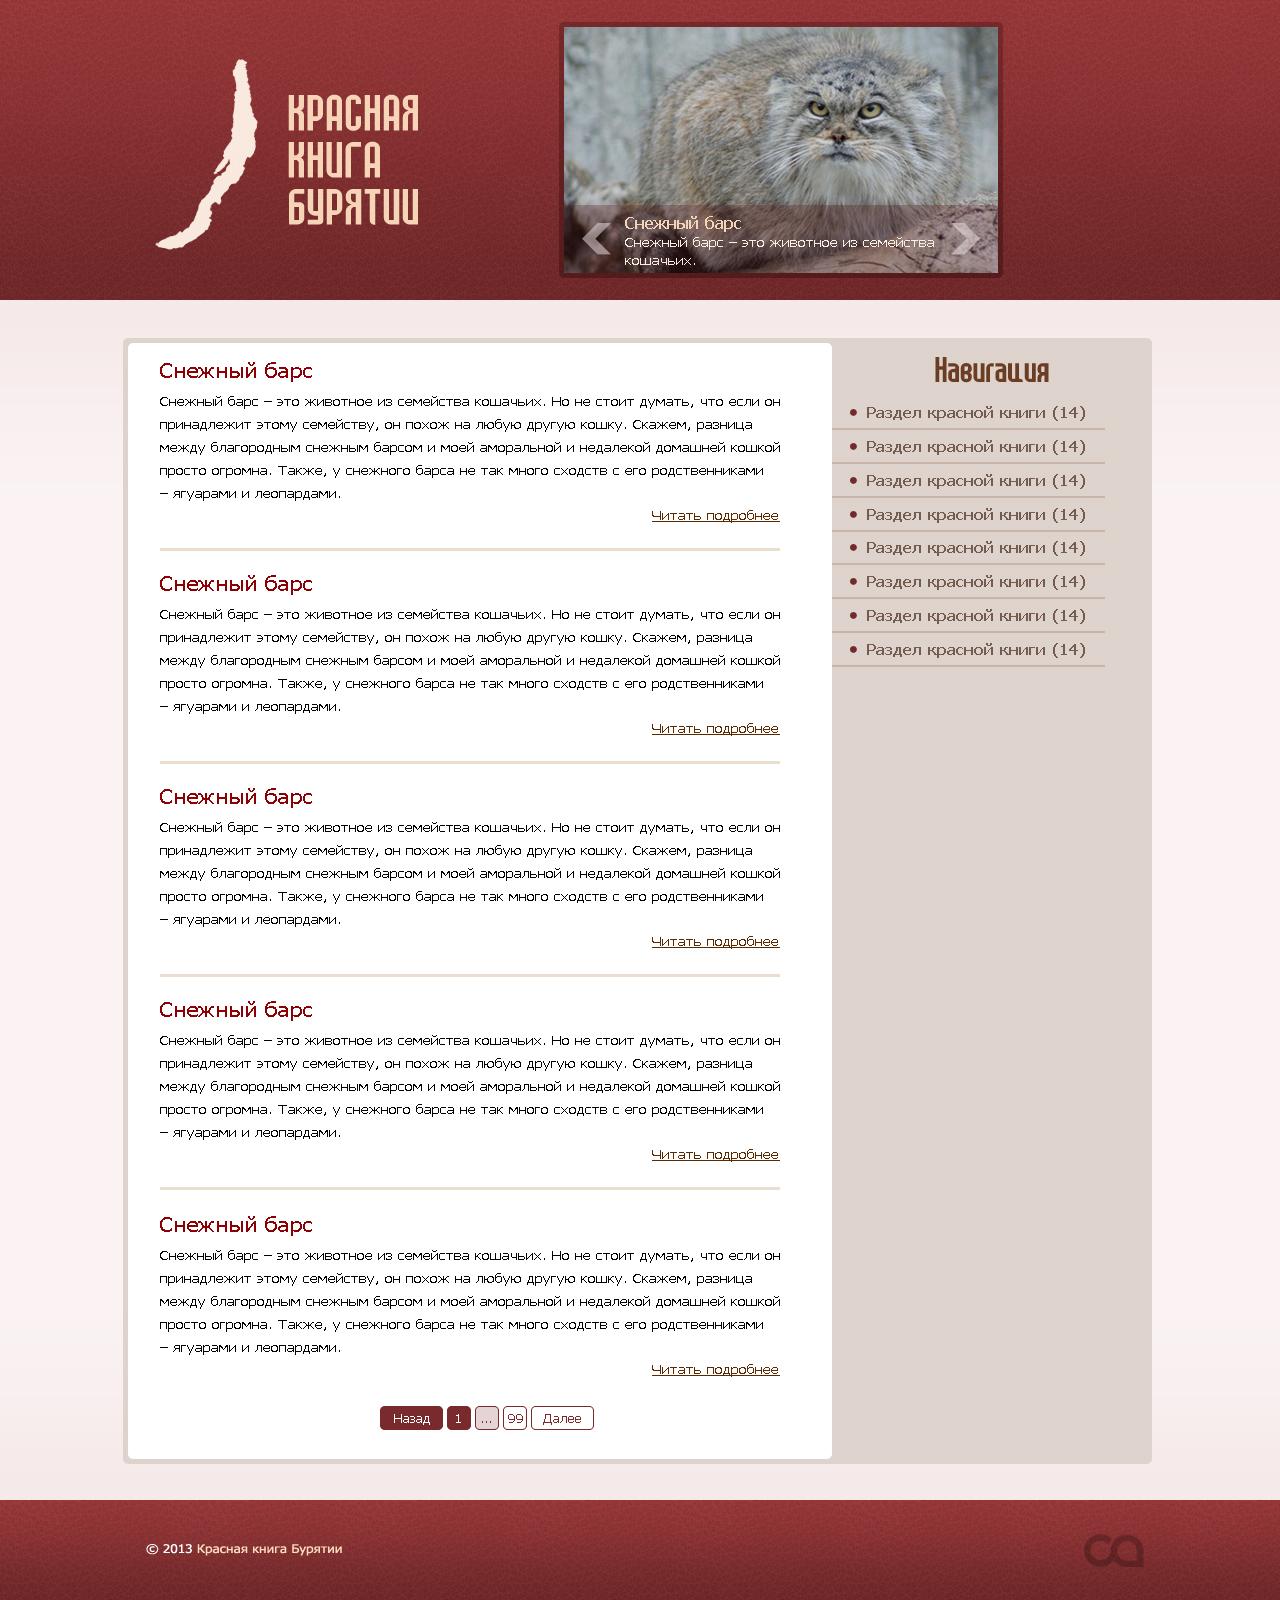 Дизайн RedBook (Макет + свёрстанный шаблон) купить